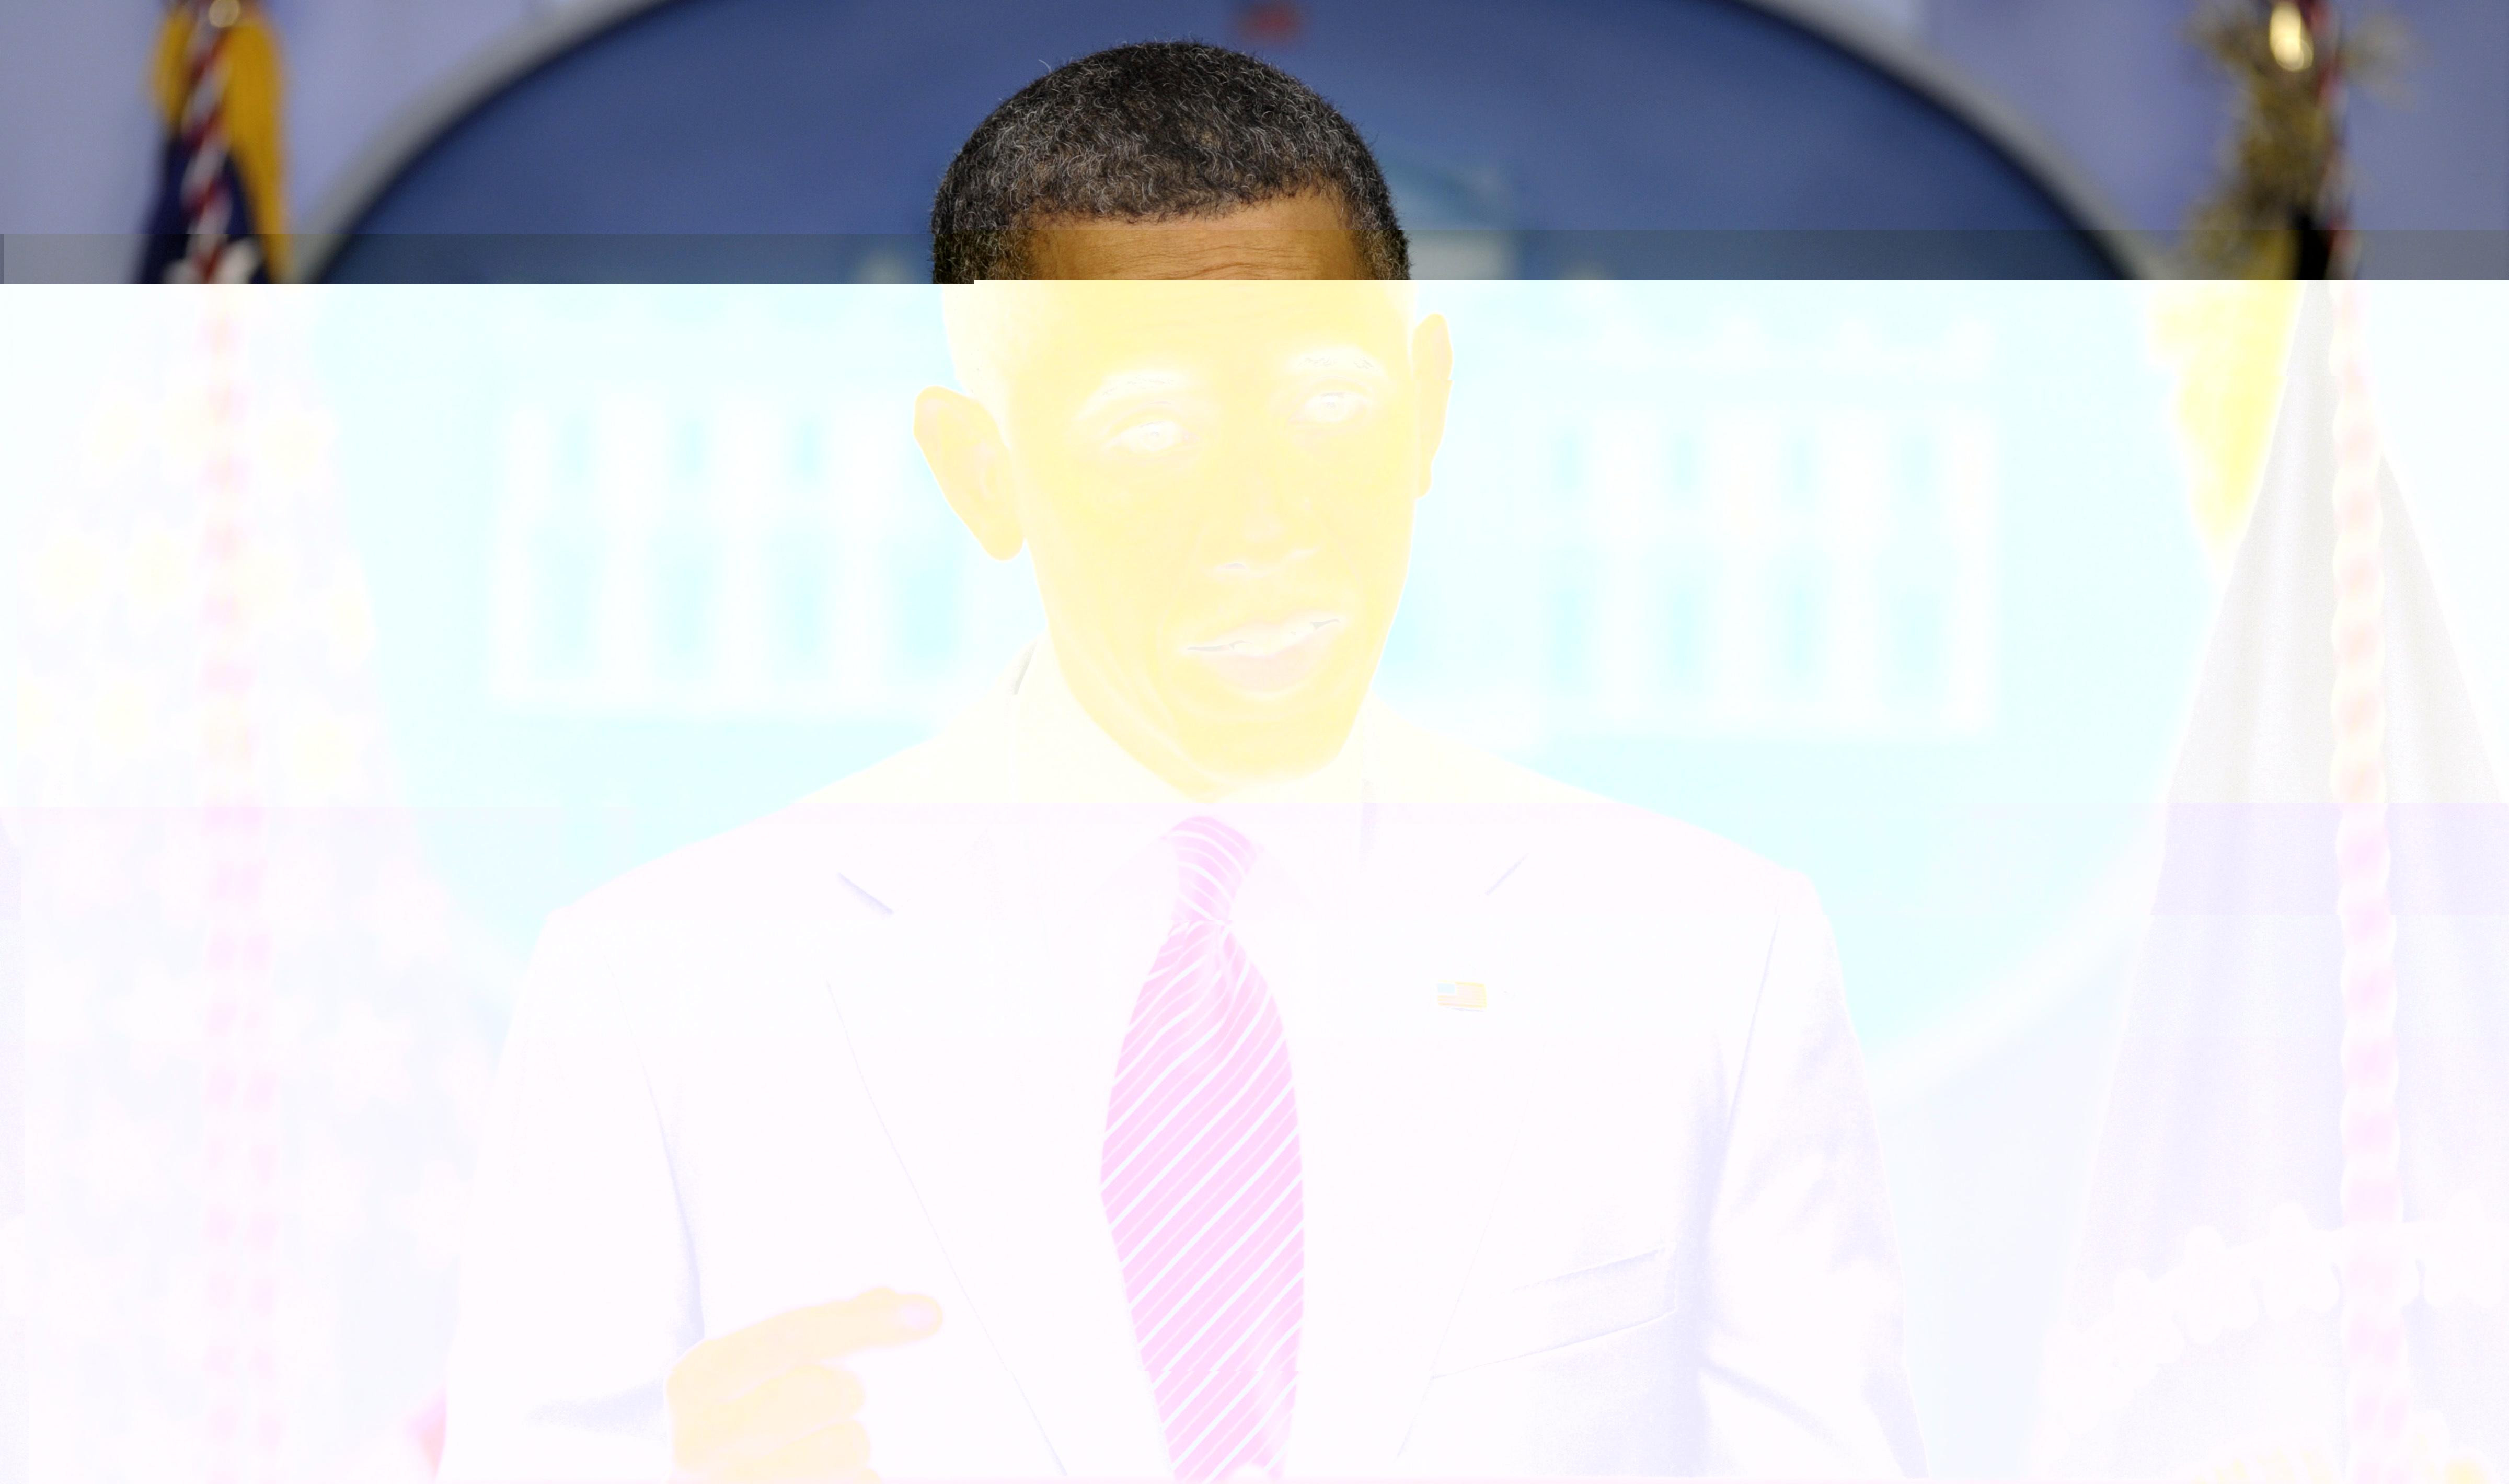 كاتب أمريكي: تنظيم خراسان إرهاب مزيف اختلقه أوباما لتبرير تدخله